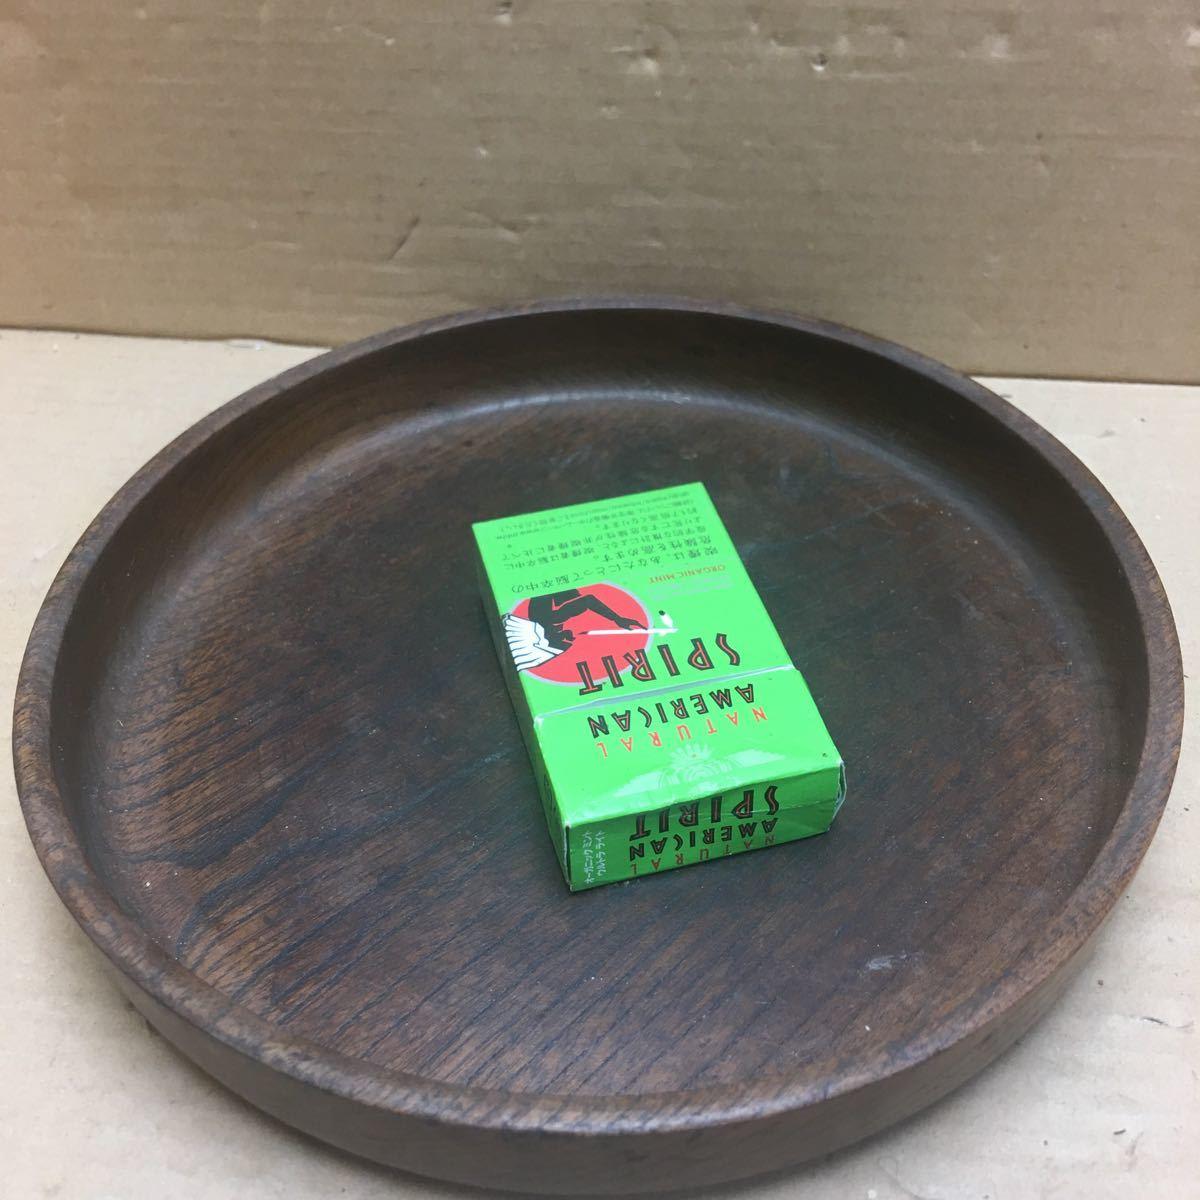 丸盆 煎茶道具 お盆 無垢材木目が美しい煎茶盆 刳り貫き茶盆 時代古民具 古美術 古道具 直径約24cm_画像1